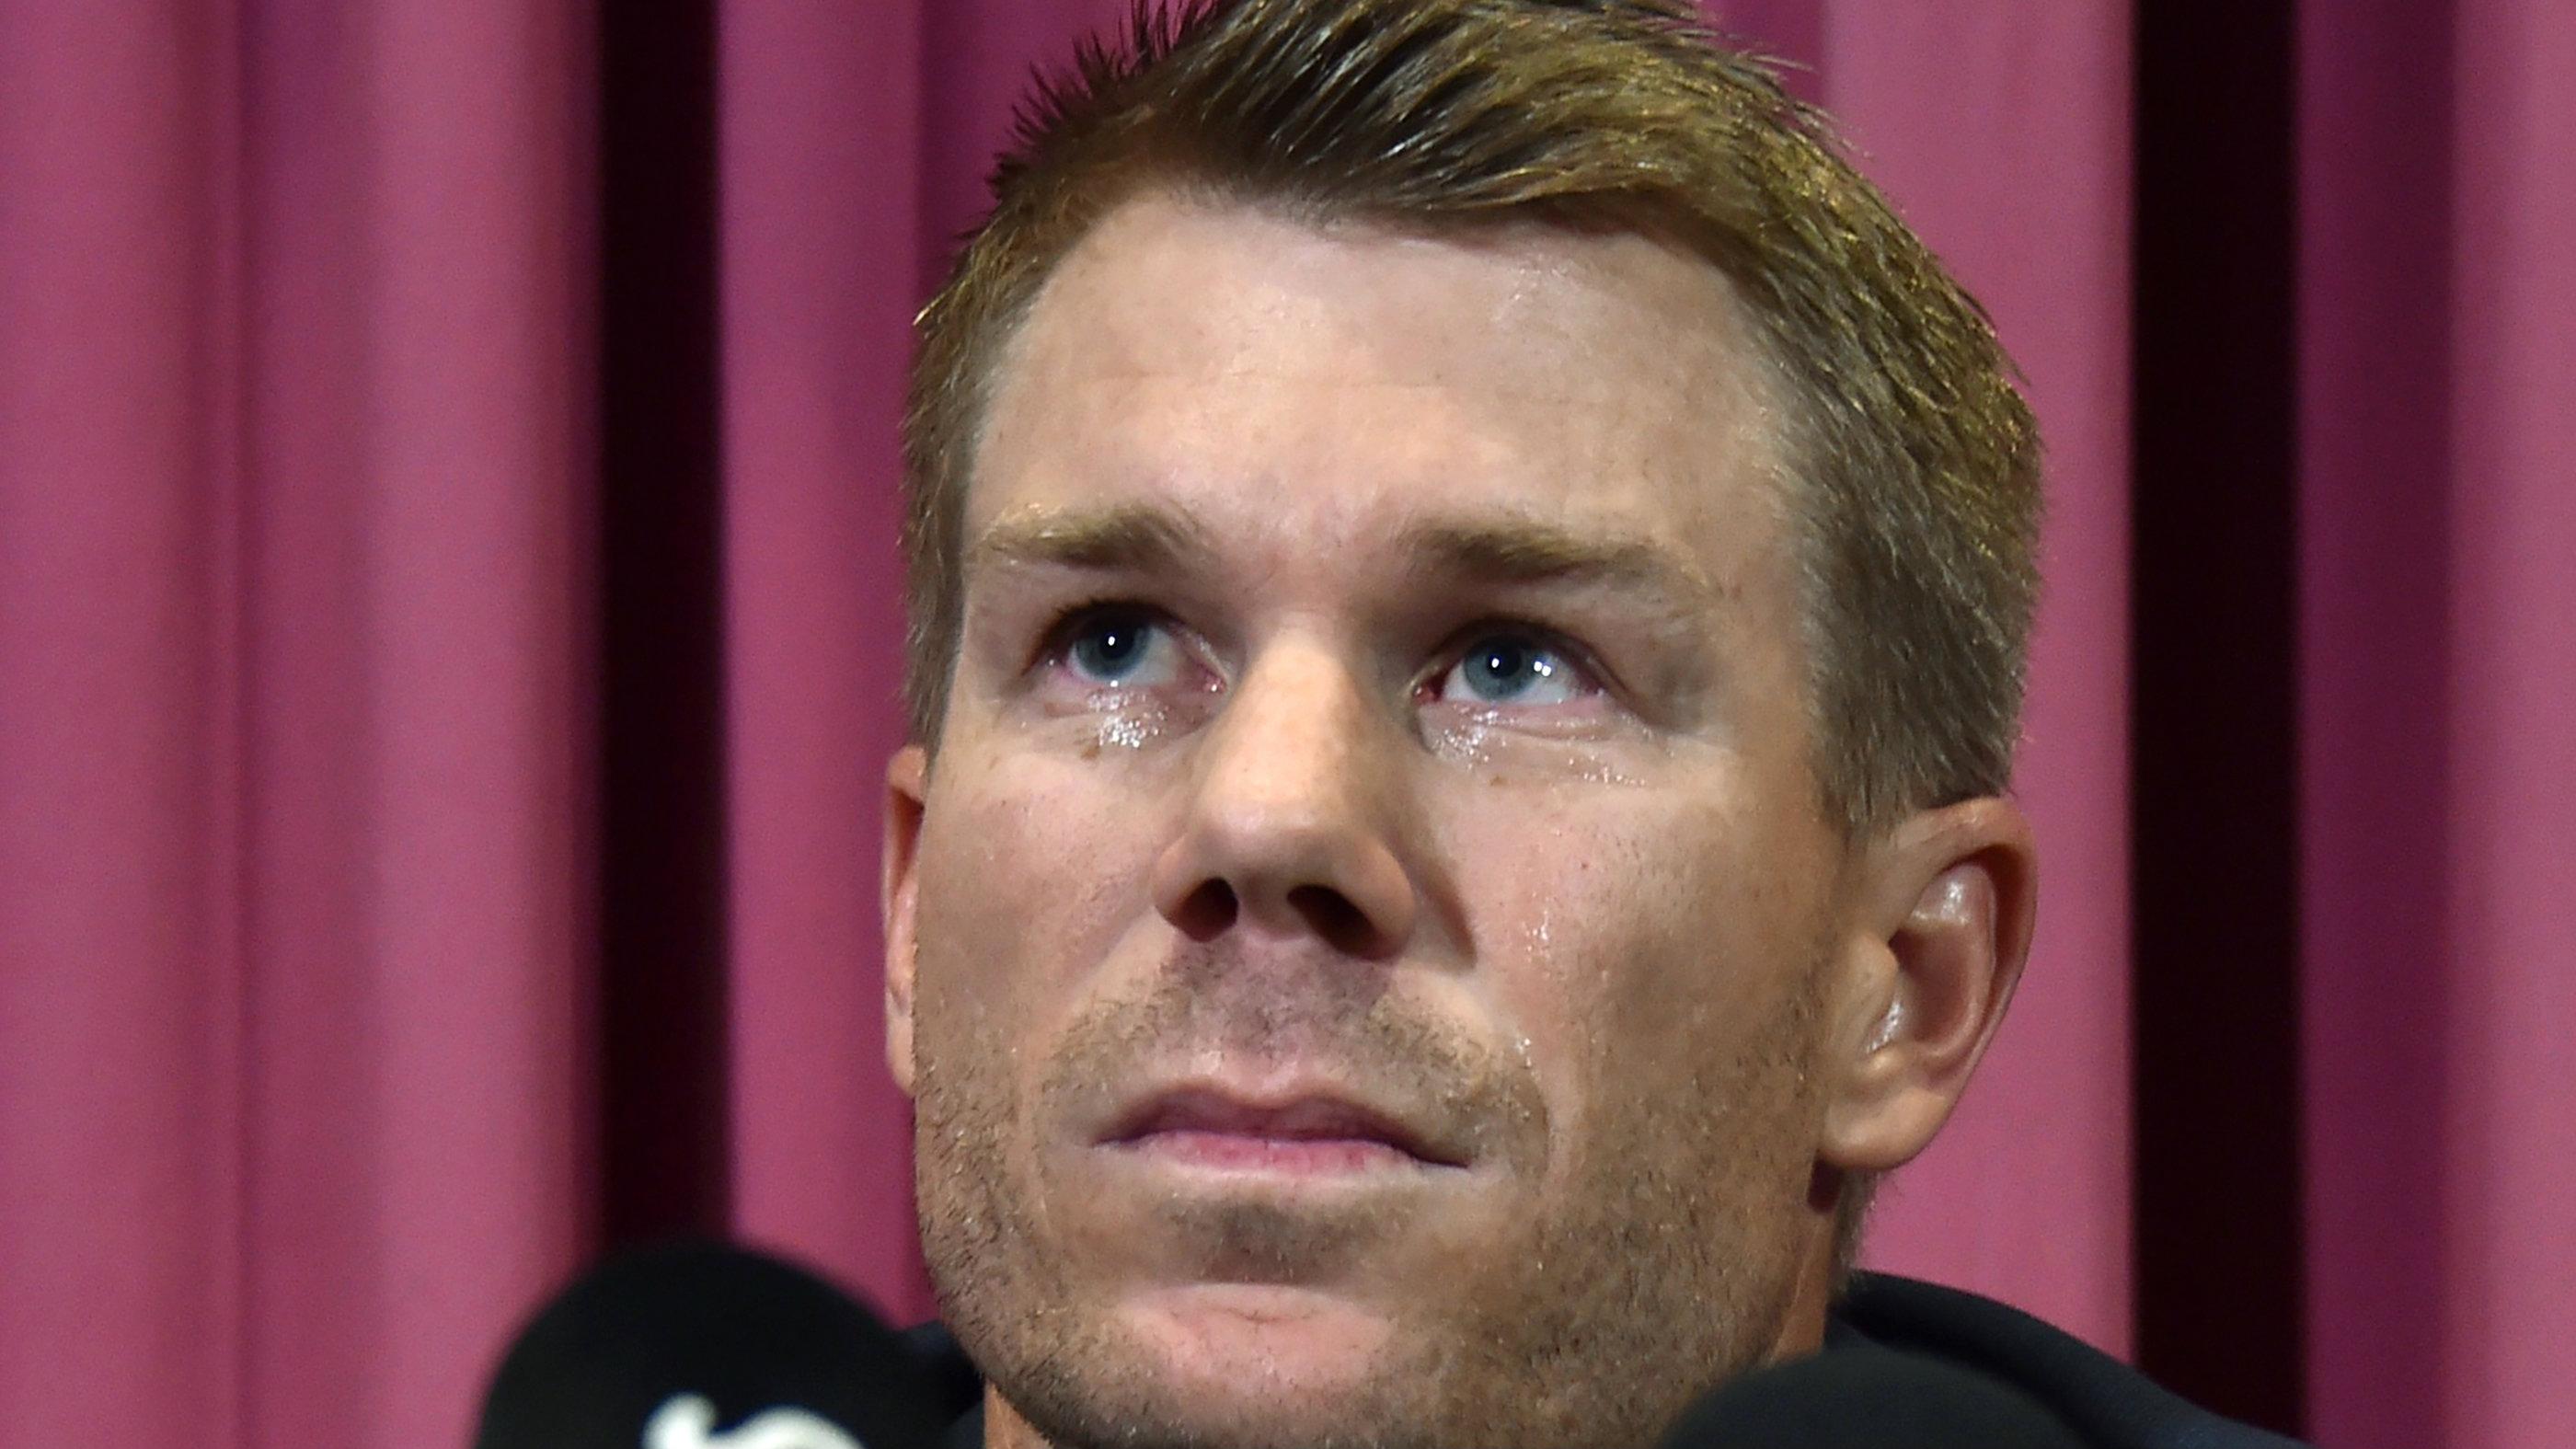 Australia coach Darren Lehmann announces resignation